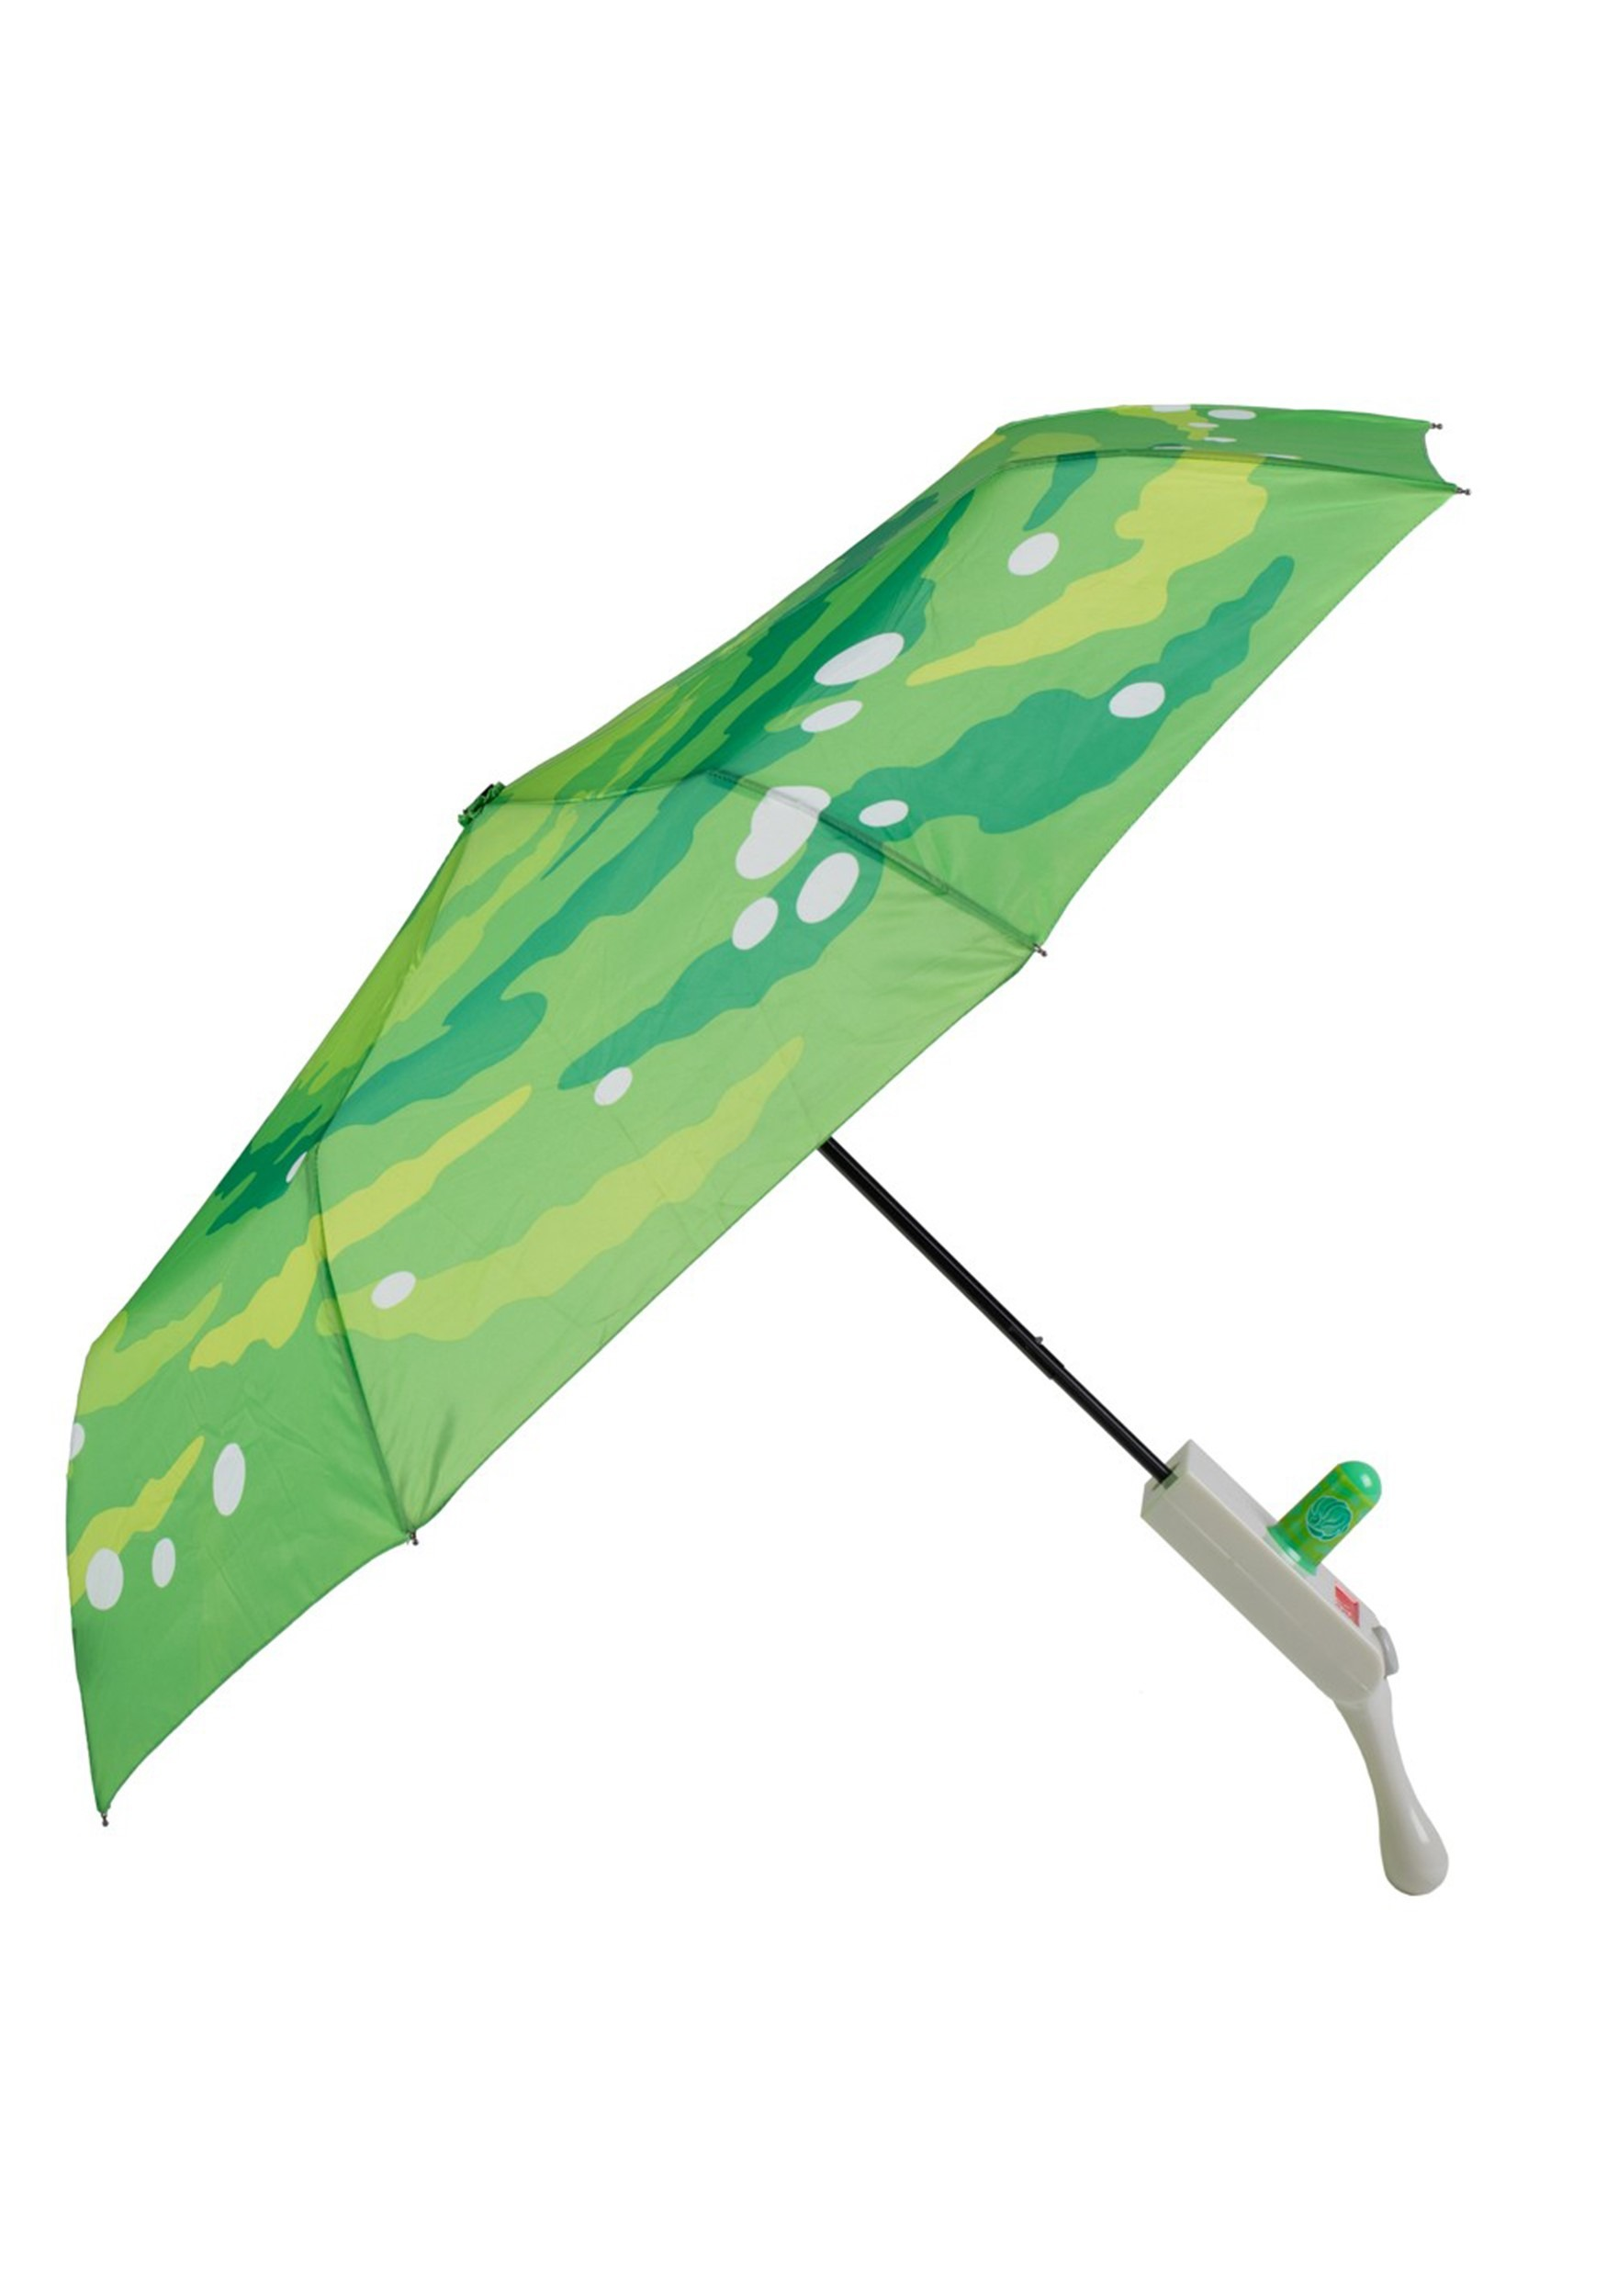 Rick and Morty Portal Gun Compact Umbrella